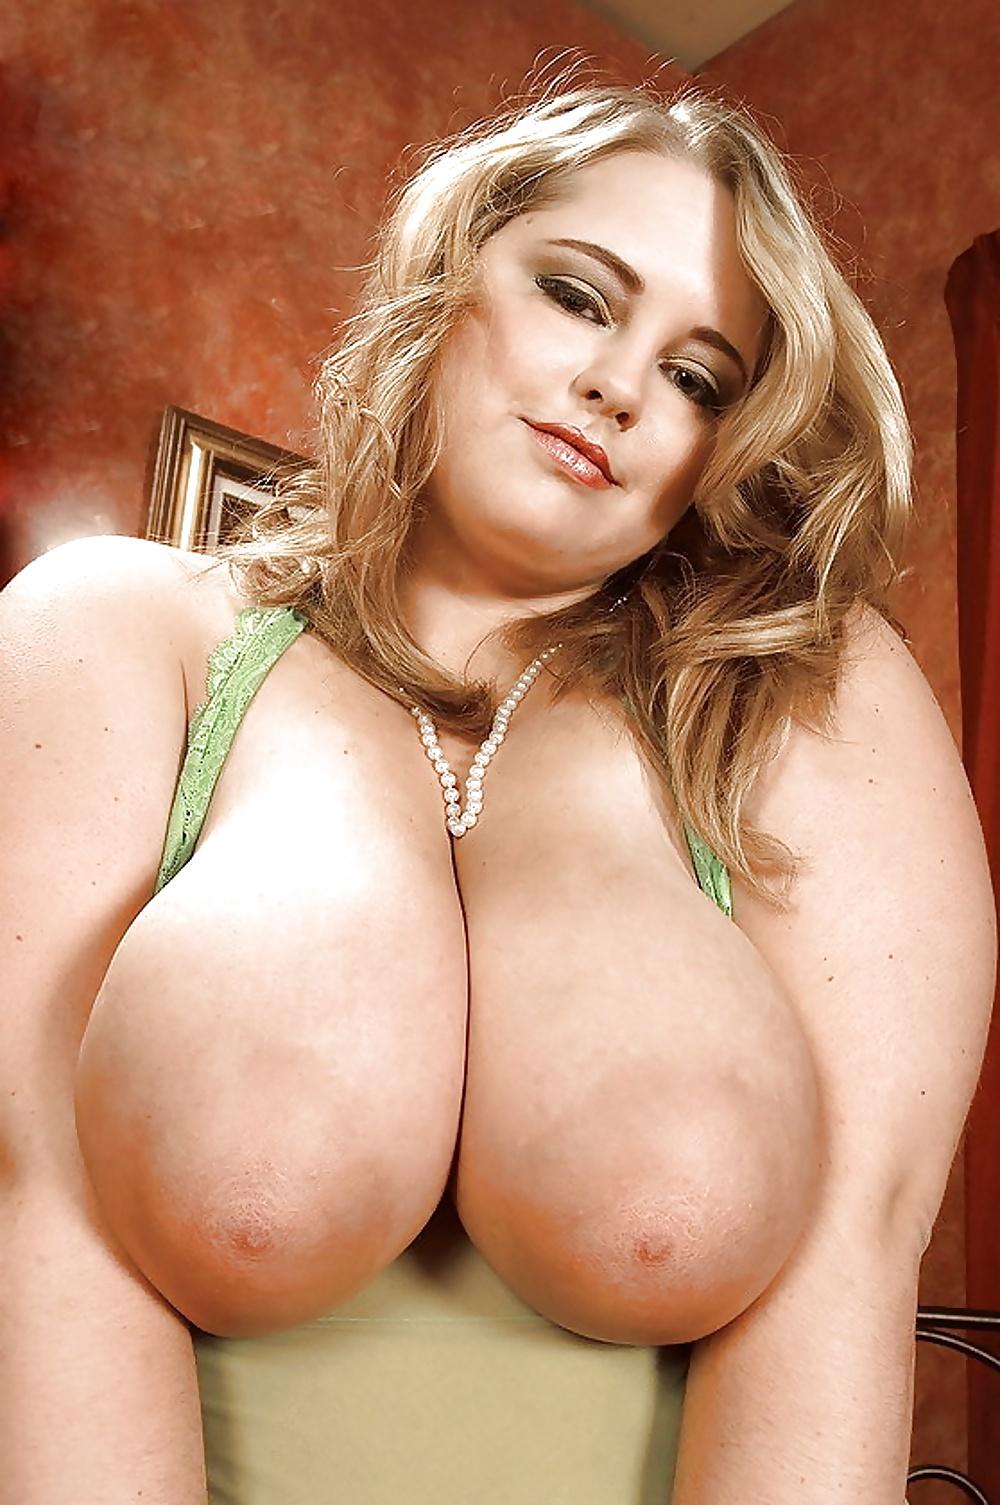 Какие бывают формы женской груди фото прежде чем